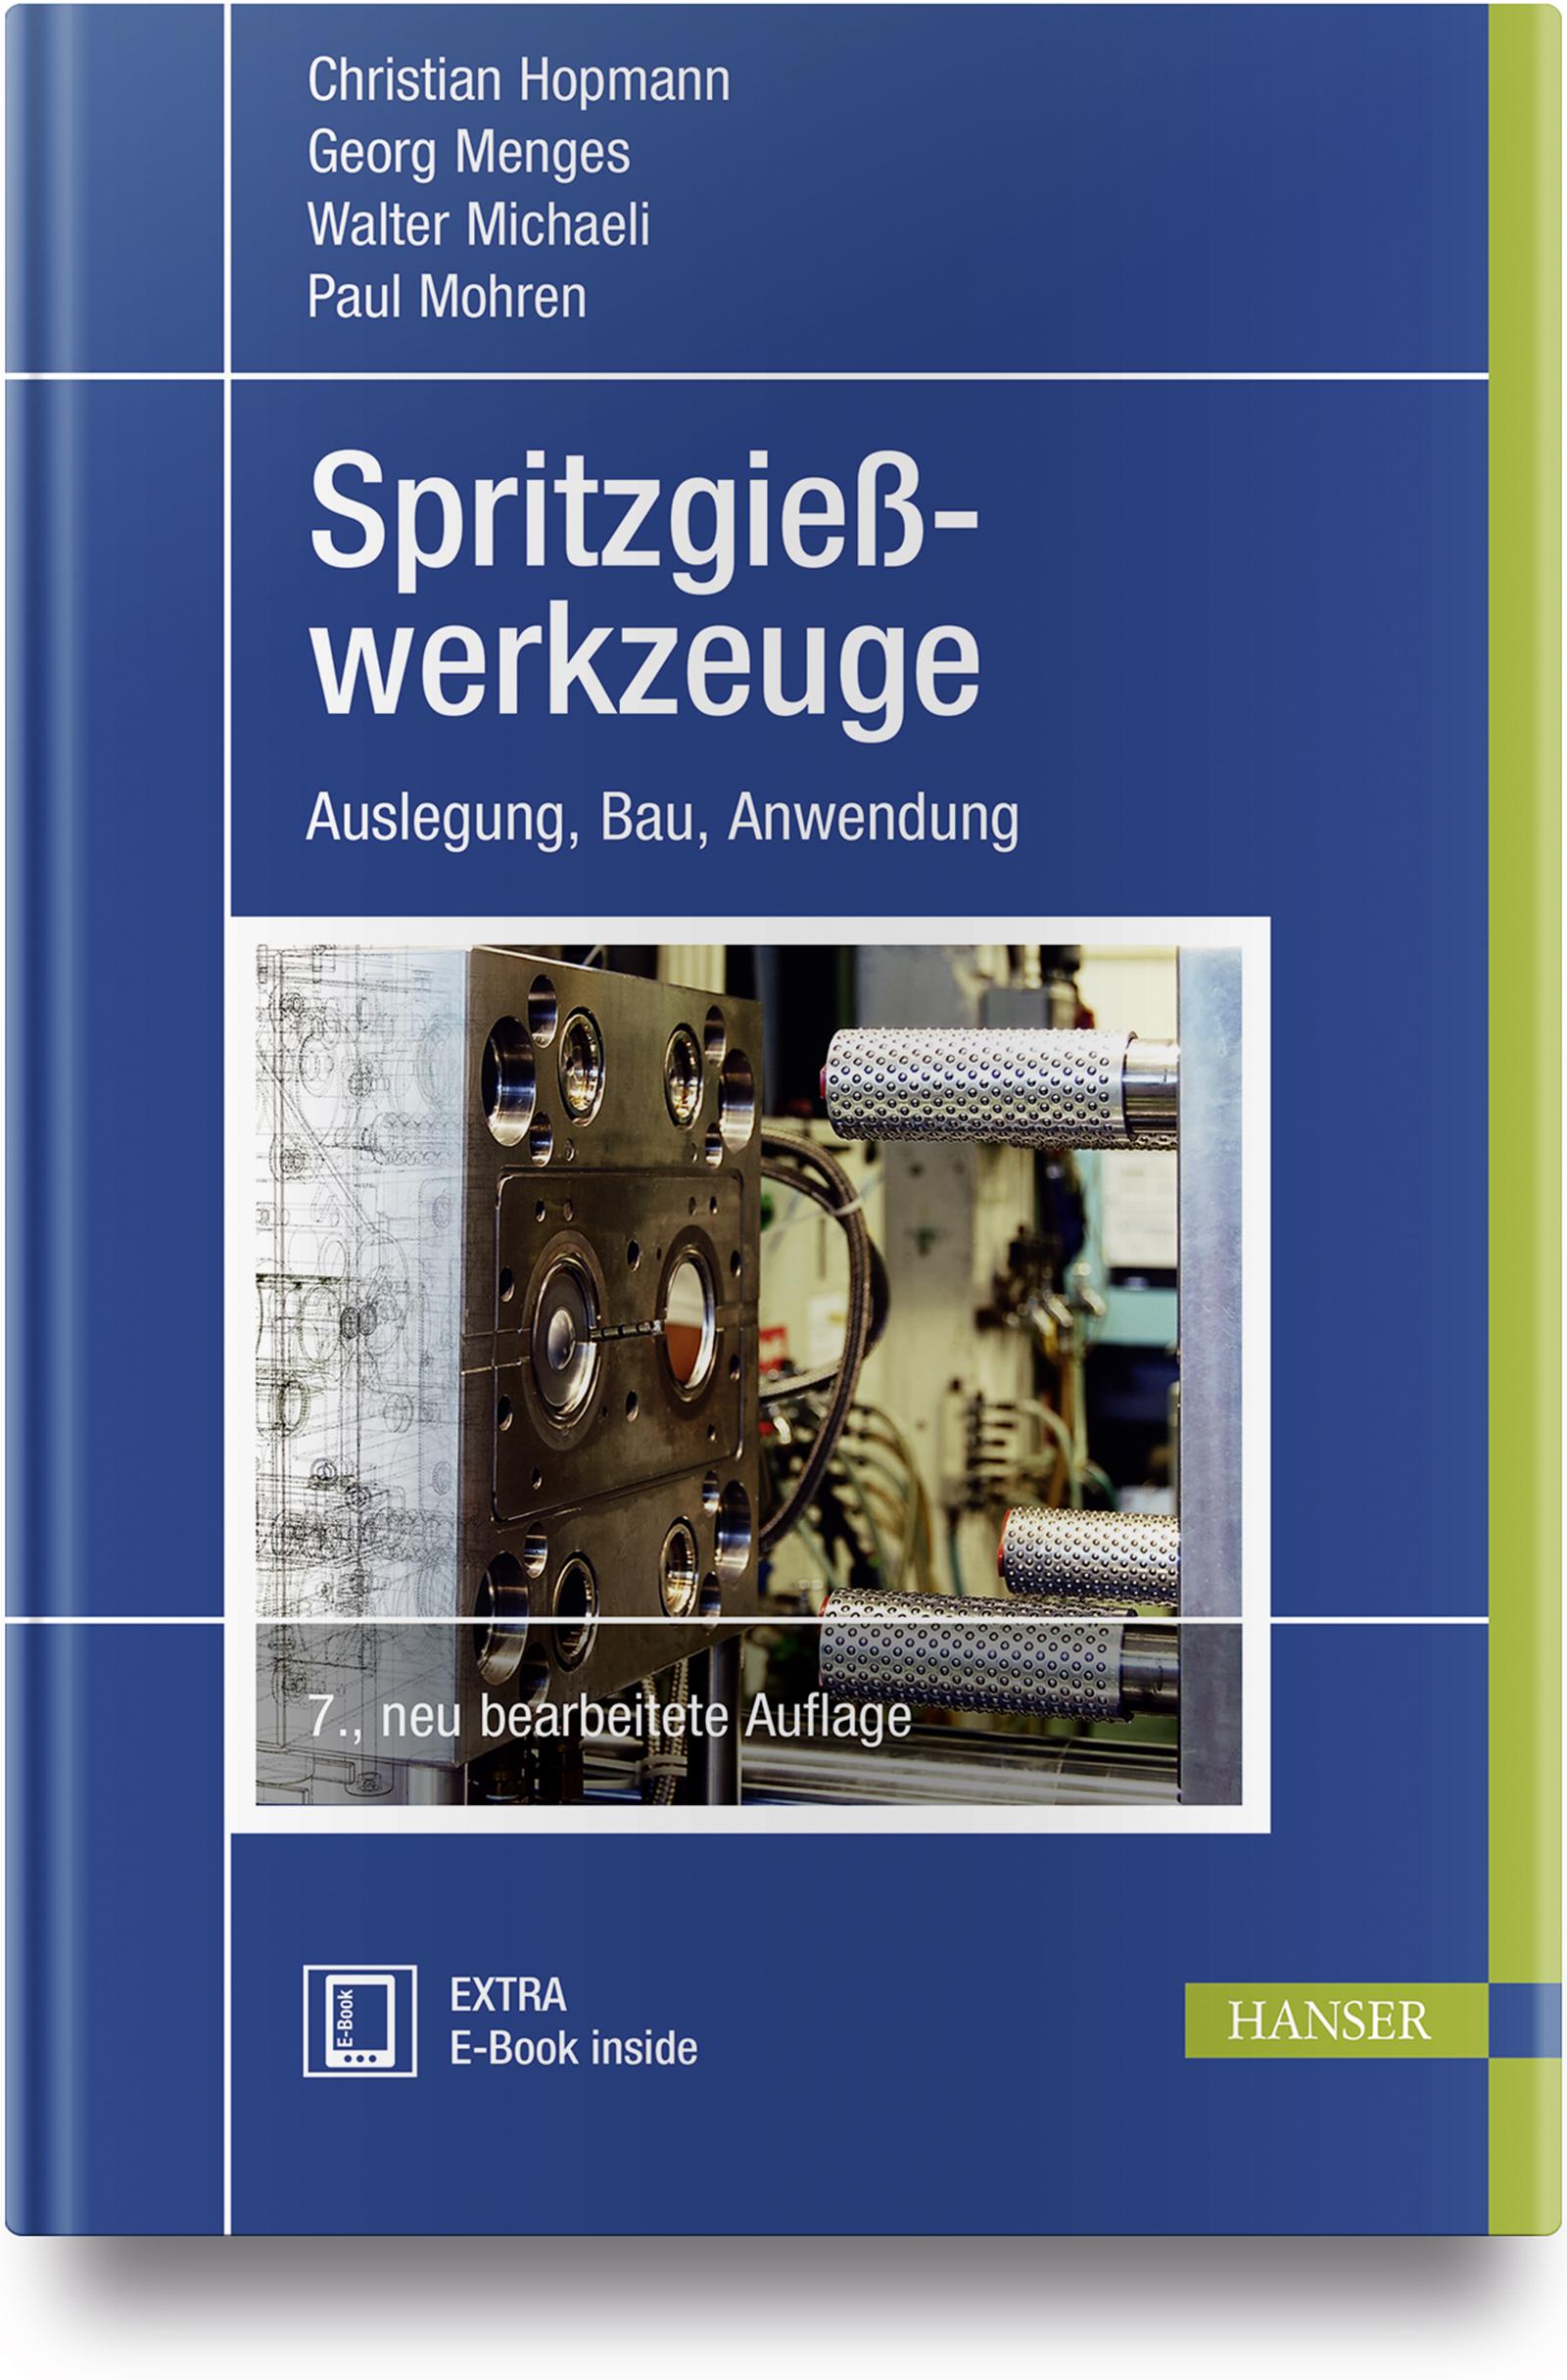 Hopmann, Menges, Michaeli, Mohren, Spritzgießwerkzeuge, 978-3-446-45192-6